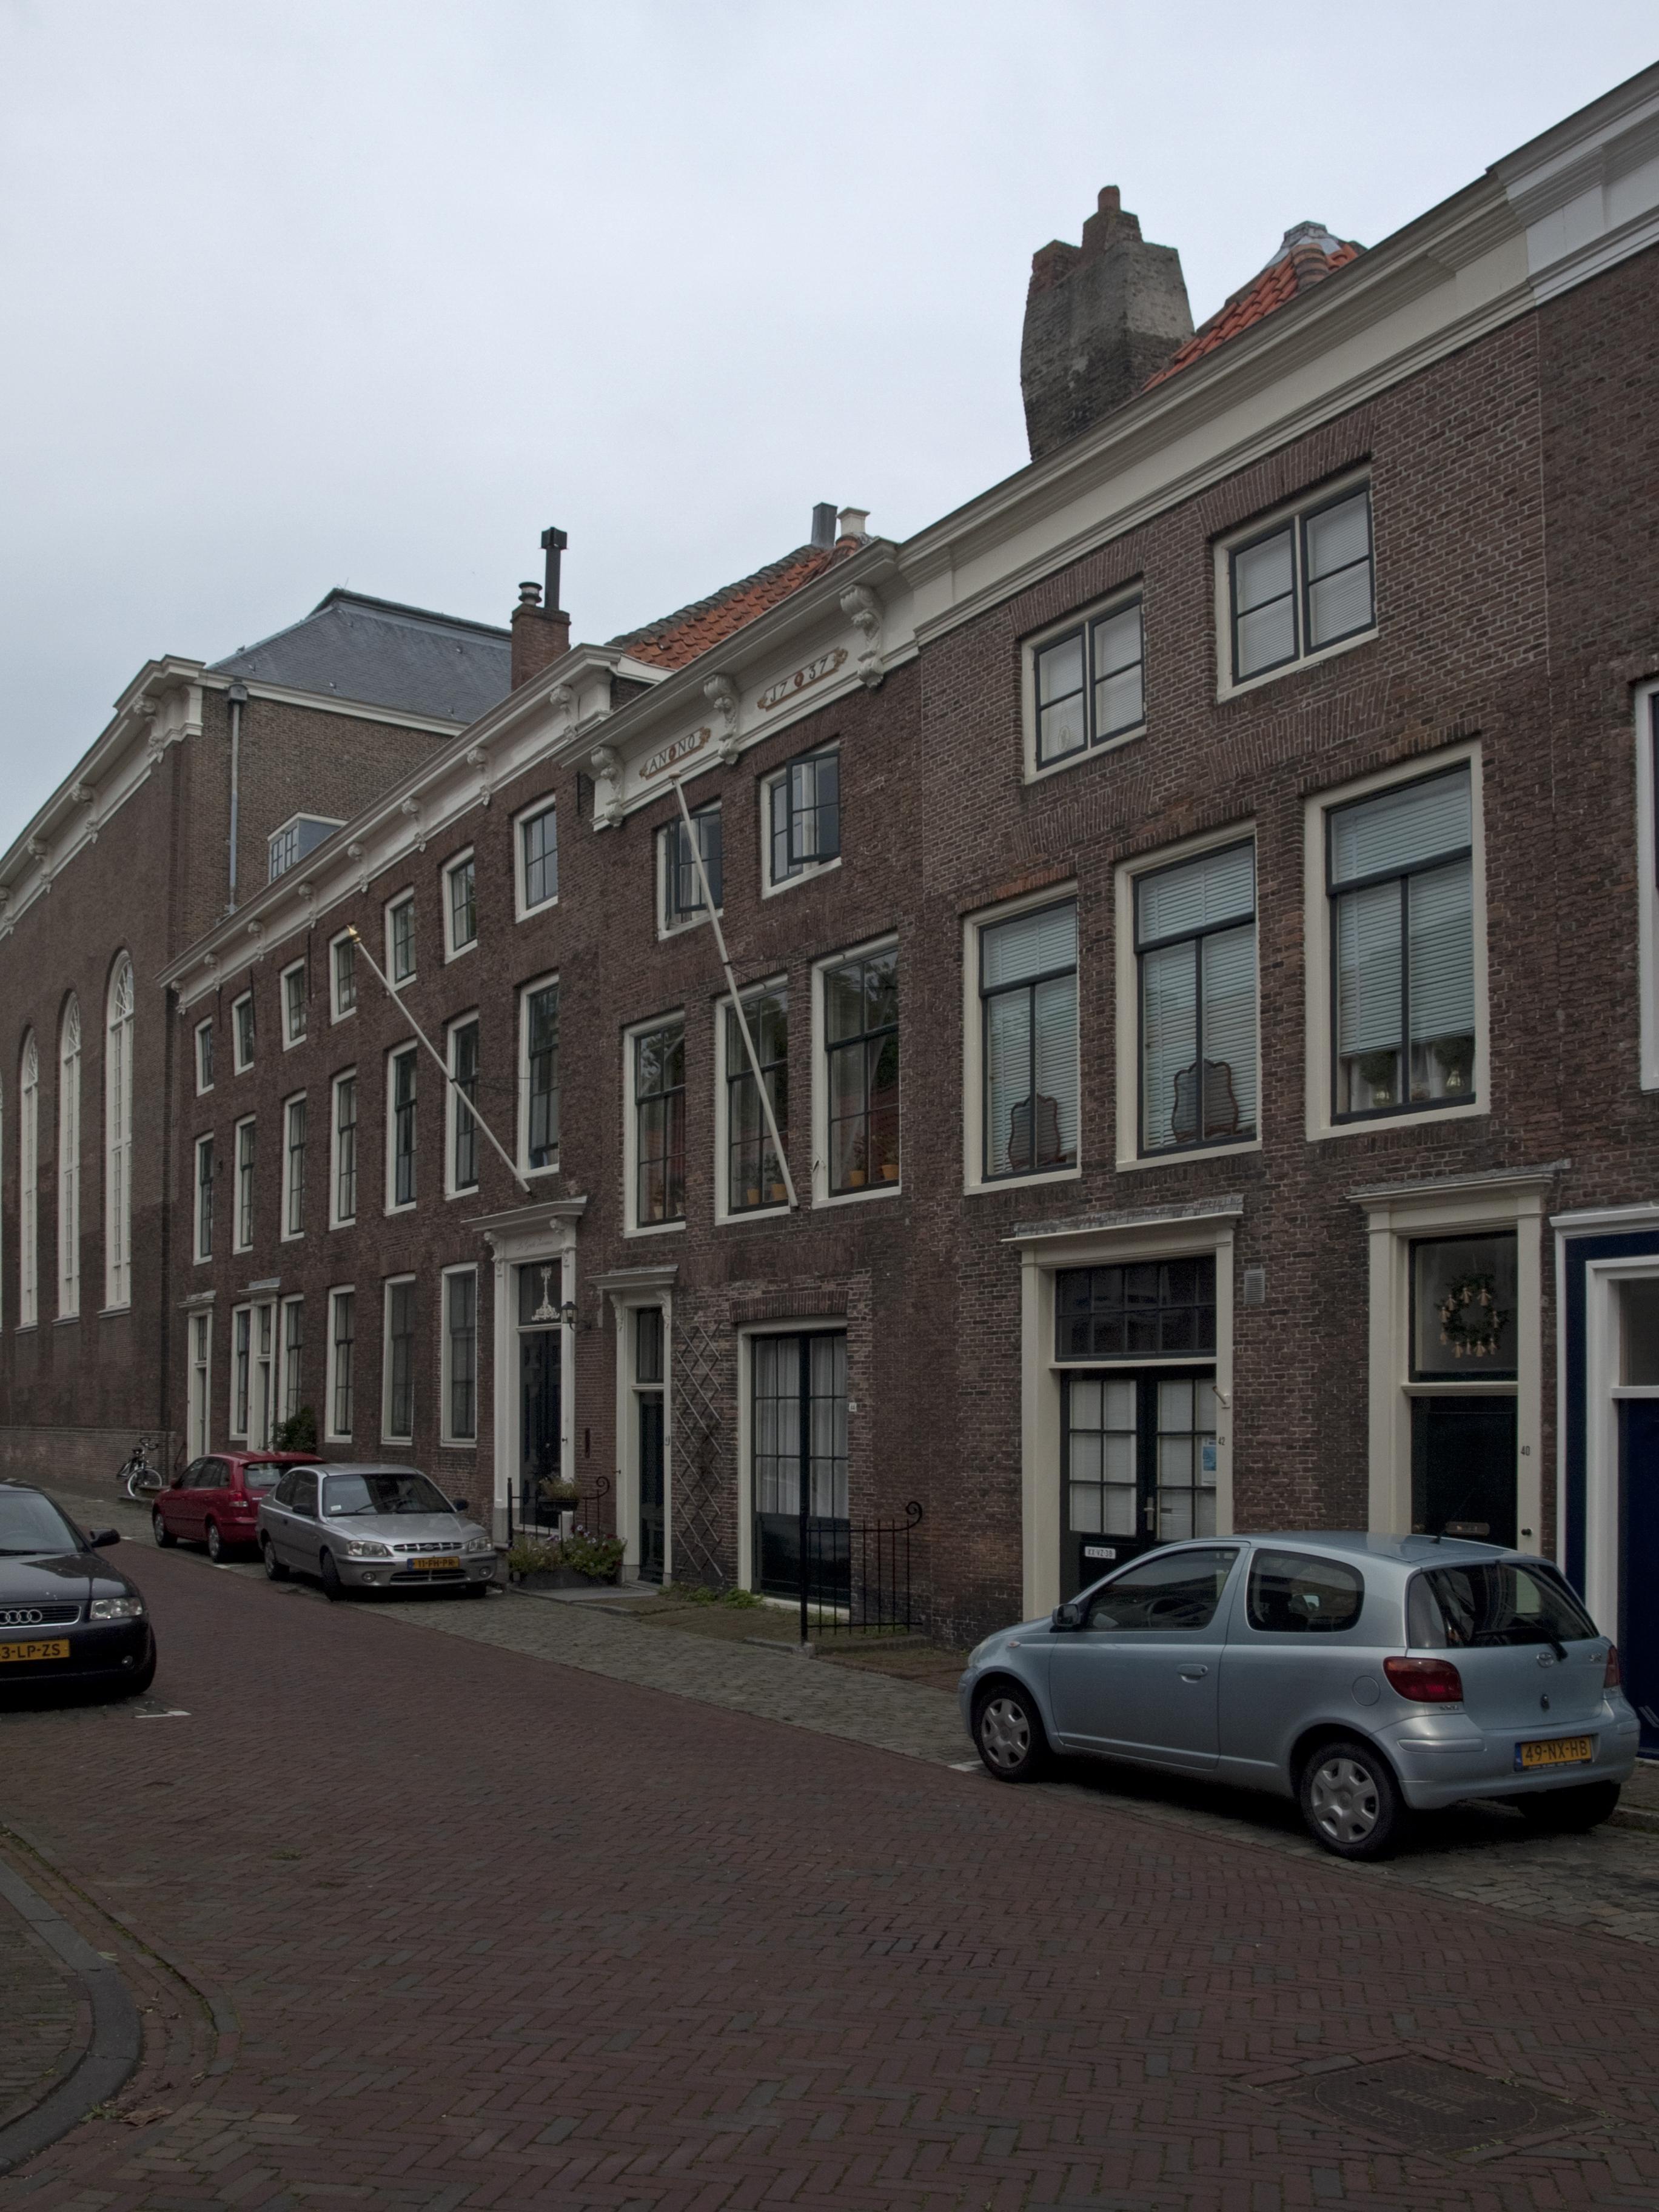 Huis met lijstgevel in lijst gedateerd anno 1737 in for Lijst inrichting huis